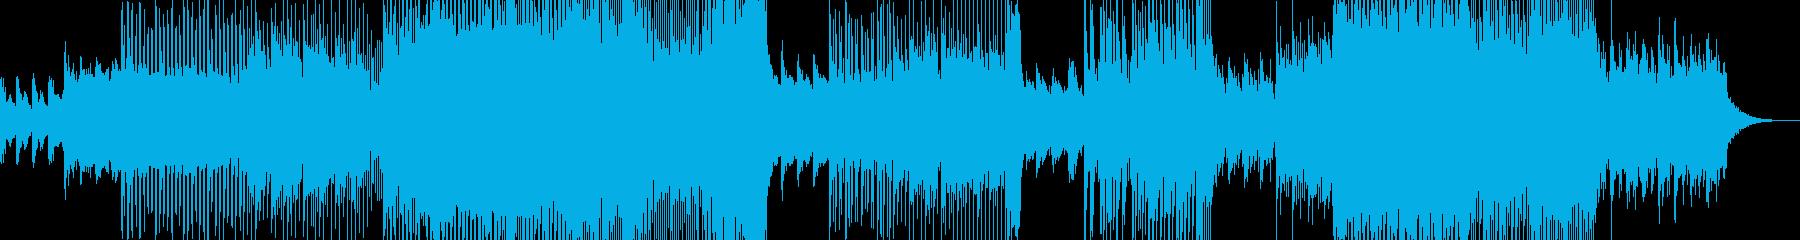 幻想的な夜明け・テクノポップ 前奏有りの再生済みの波形